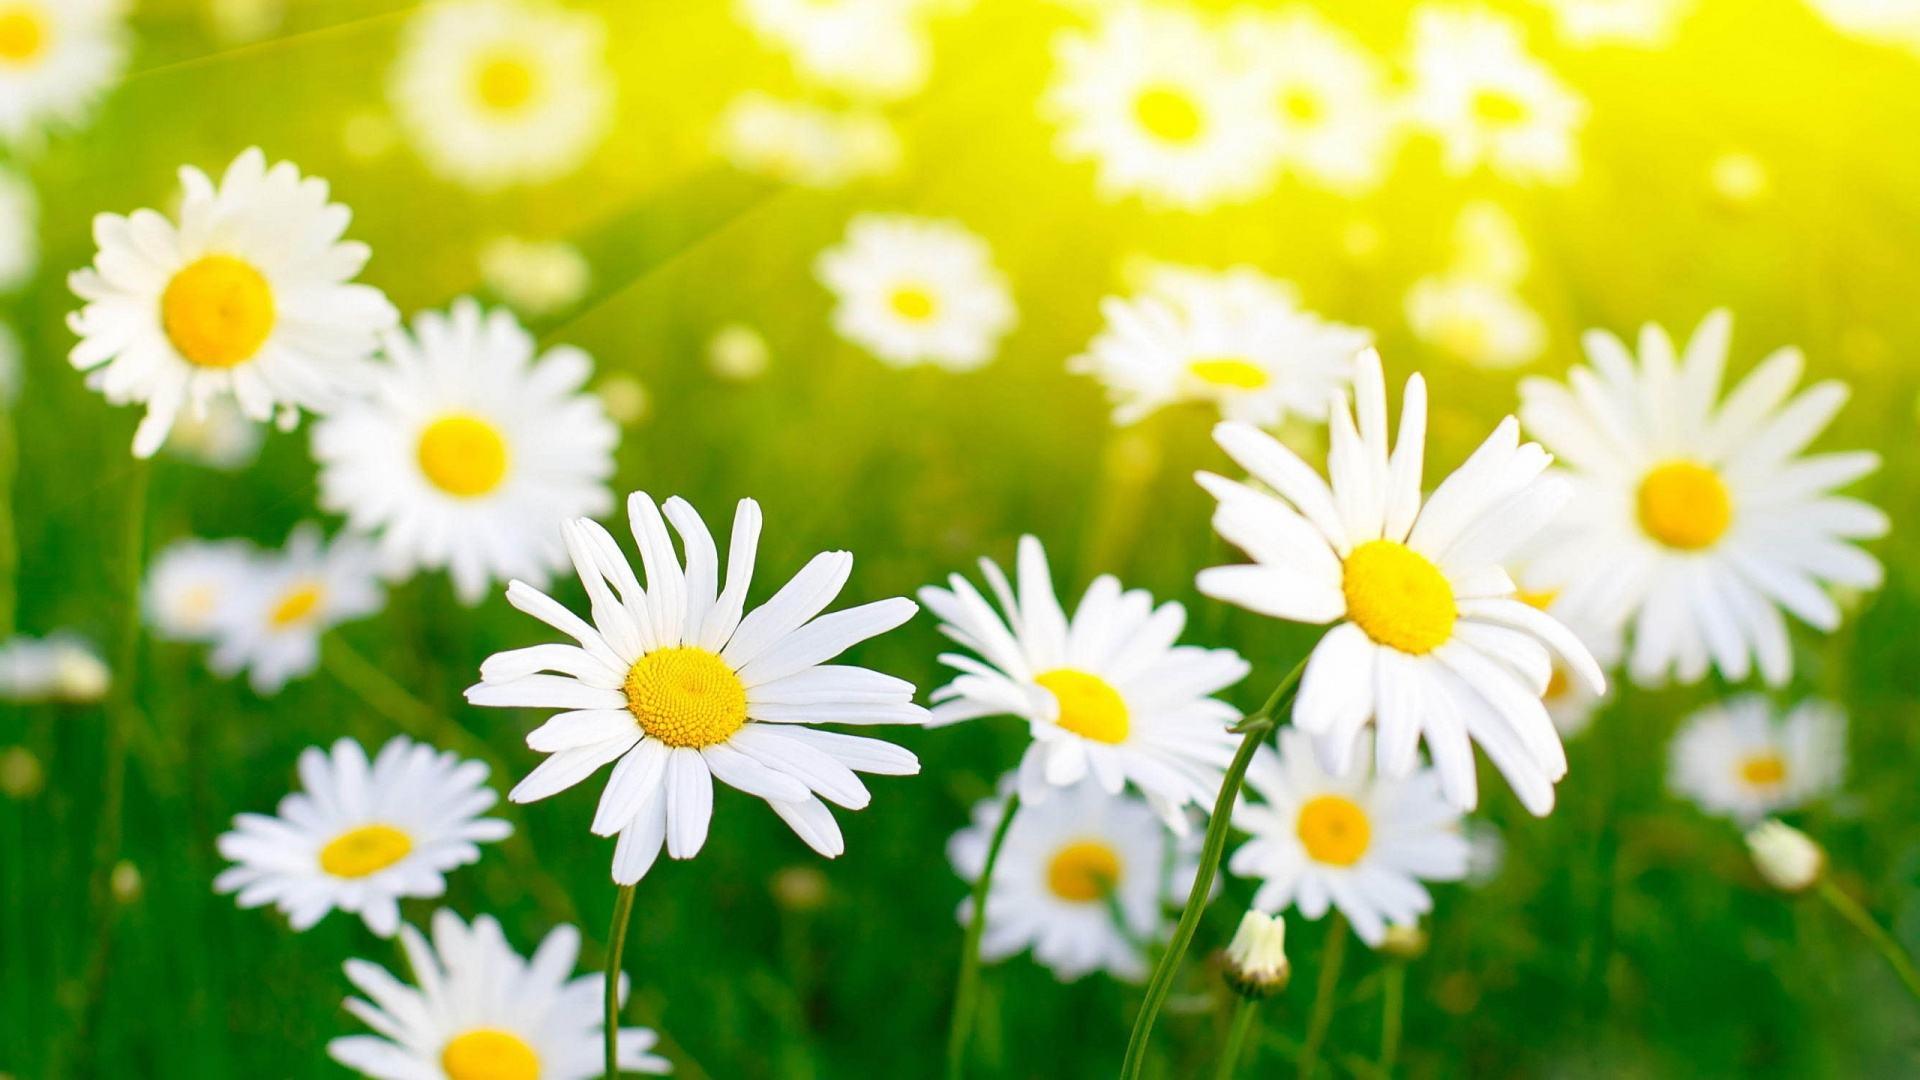 hình nền hoa cúc trắng